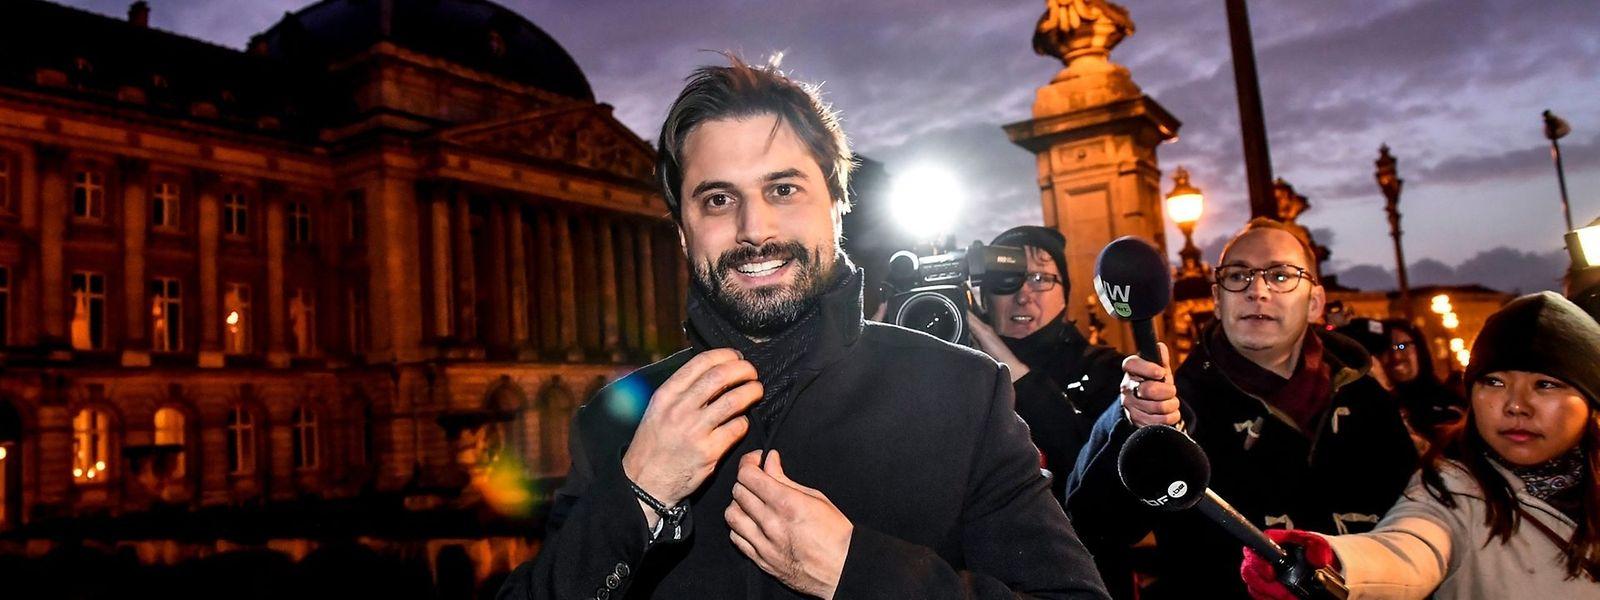 Le  francophone Georges-Louis Bouchez, associé au Flamand Joachim Coens, a été nommé mardi soir informateur par le roi Philippe.